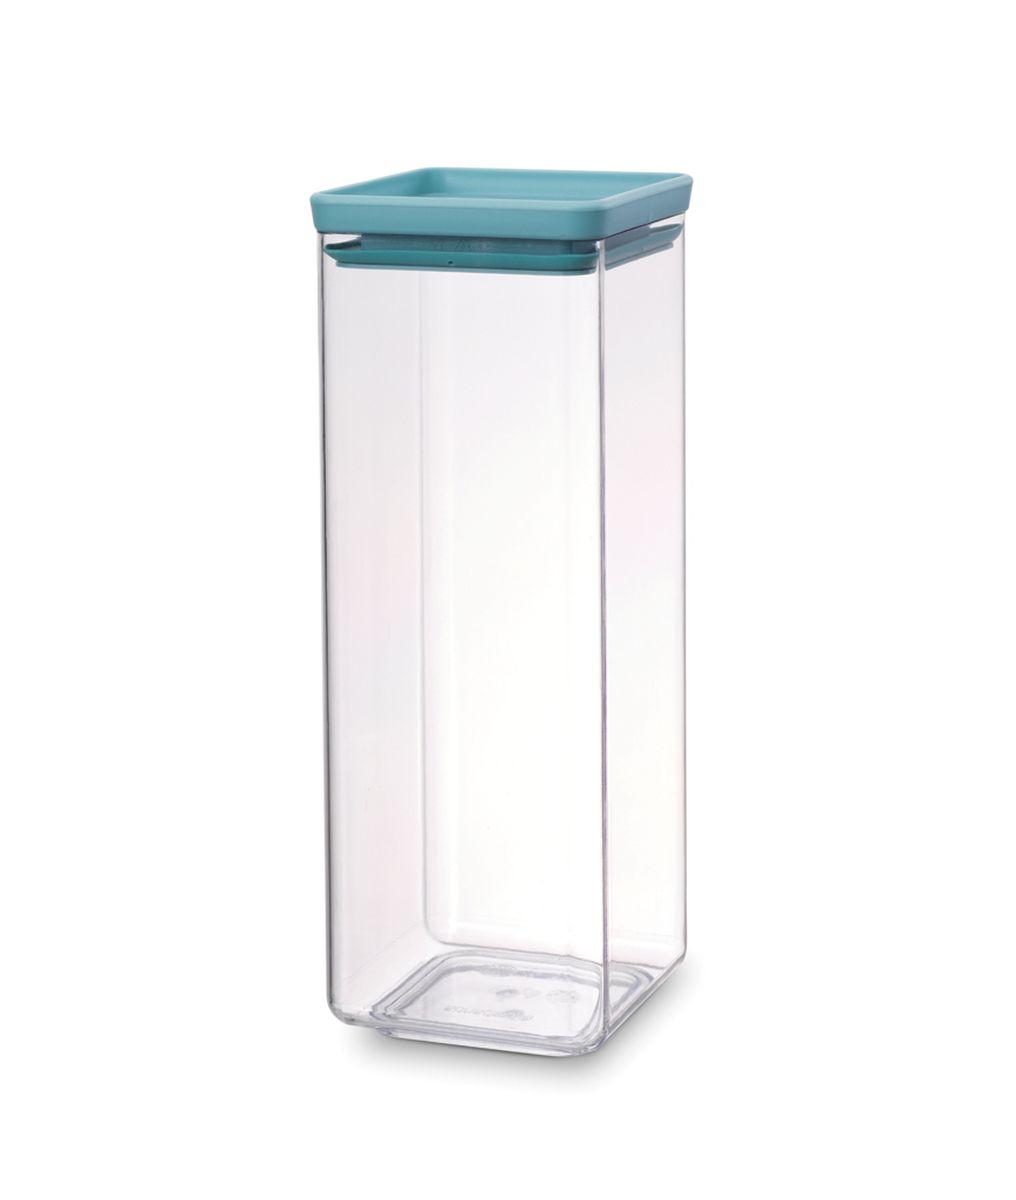 Контейнер для сыпучих продуктов Brabantia Tasty Colors, цвет: прозрачный, голубой, 2,5 л. 290169290169Контейнер для сыпучих продуктов Brabantia Tasty Colors занимает мало места - контейнеры имеют прямоугольную форму и составляются один на другой.Продукты надолго сохраняют свежесть и аромат - силиконовый уплотнитель.Хорошо видно содержимое и его количество.Легко моется - можно мыть в посудомоечной машине.Прочный и абсолютно прозрачный - изготовлен из пластика.